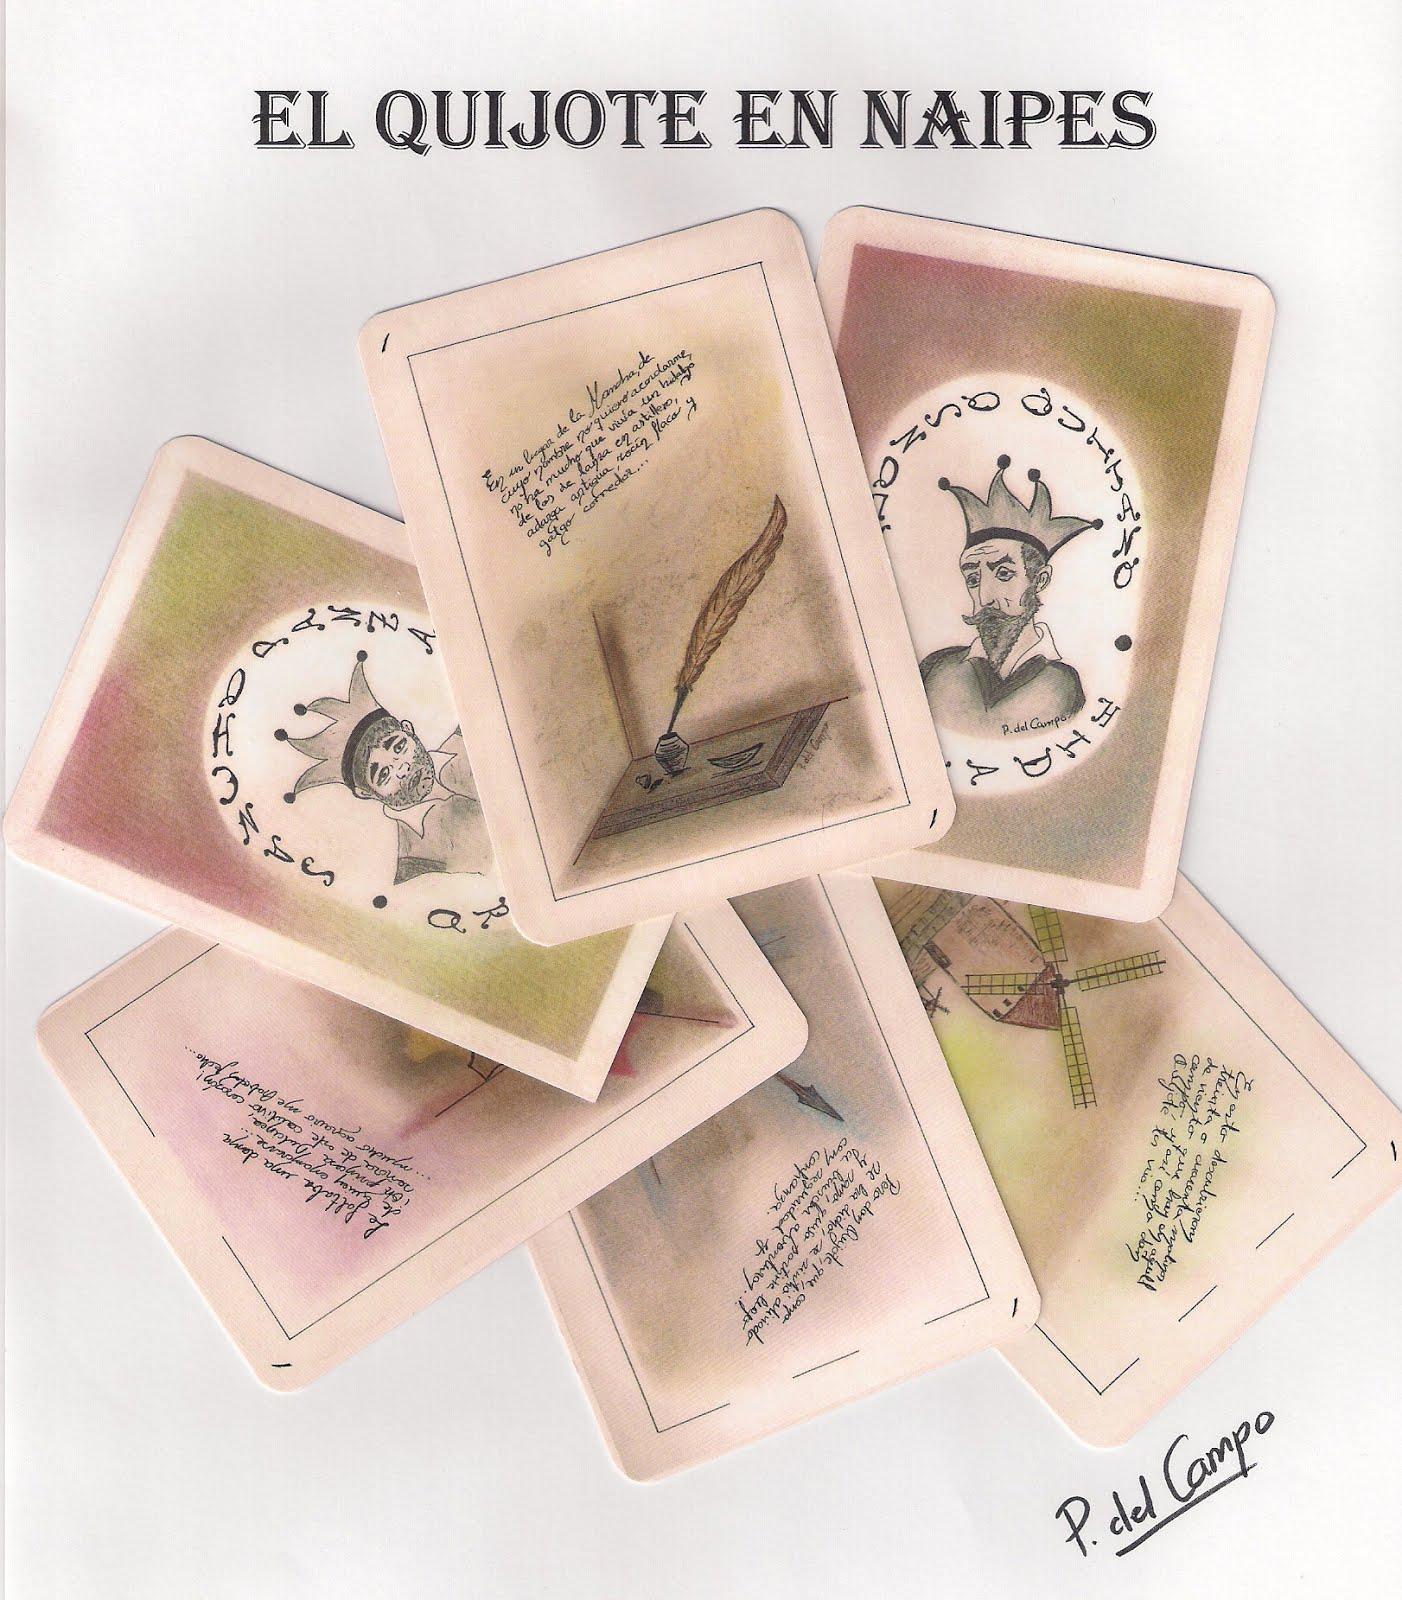 El Quijote en naipes